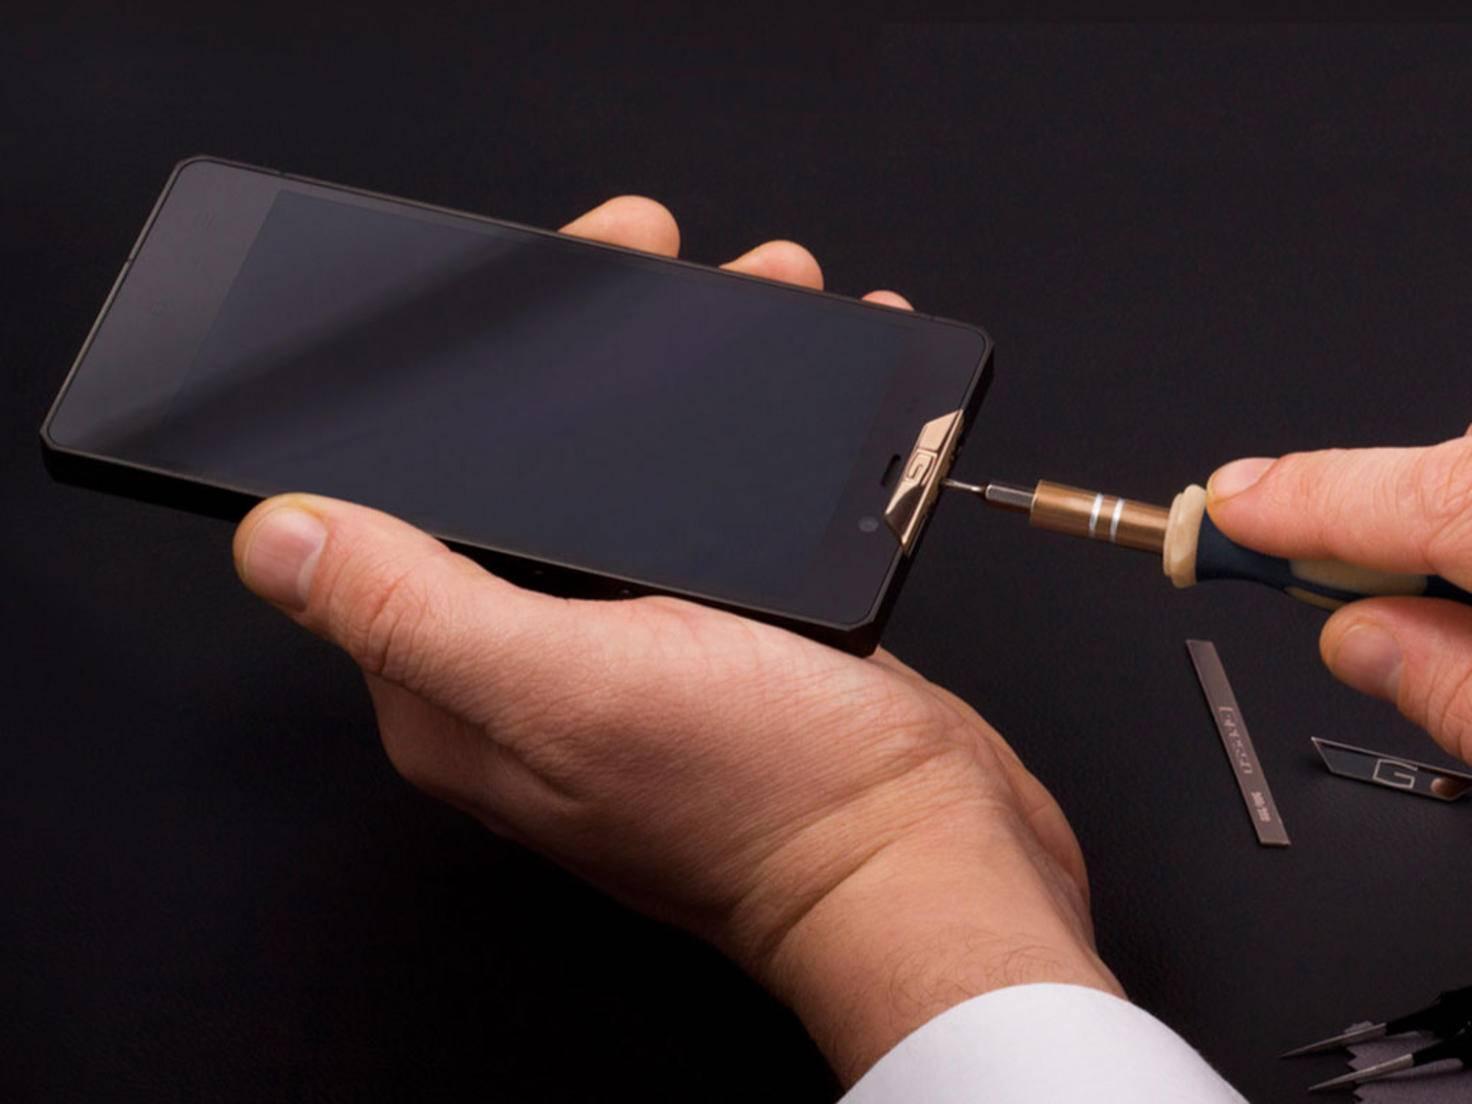 Das Gresso Smartphone hat ein Gehäuse aus Titan und ist sehr widerstandsfähig.